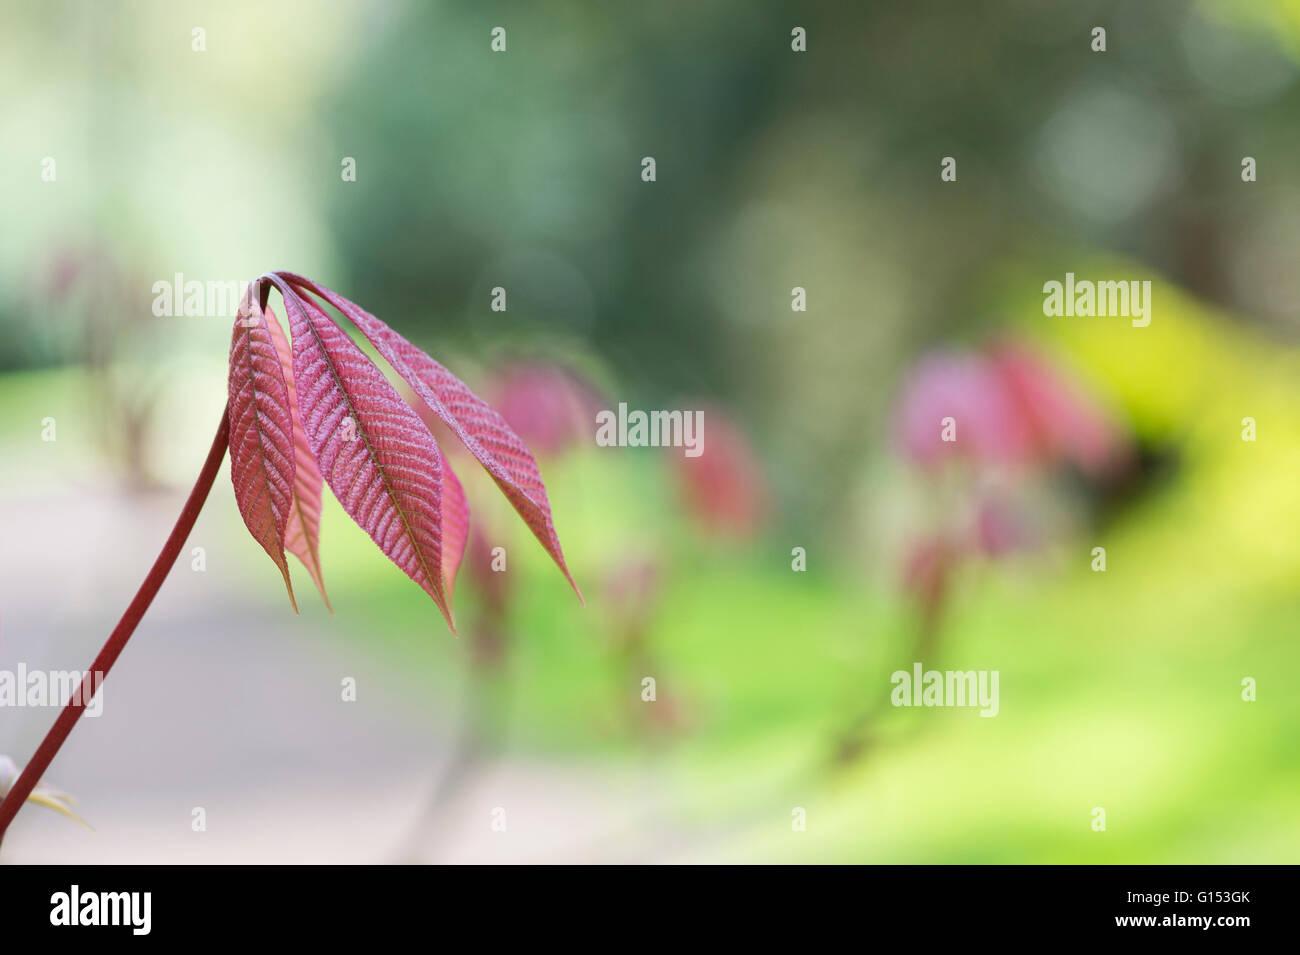 Aesculus Parviflora. Dwarf buckeye tree leaves in spring. UK Stock Photo